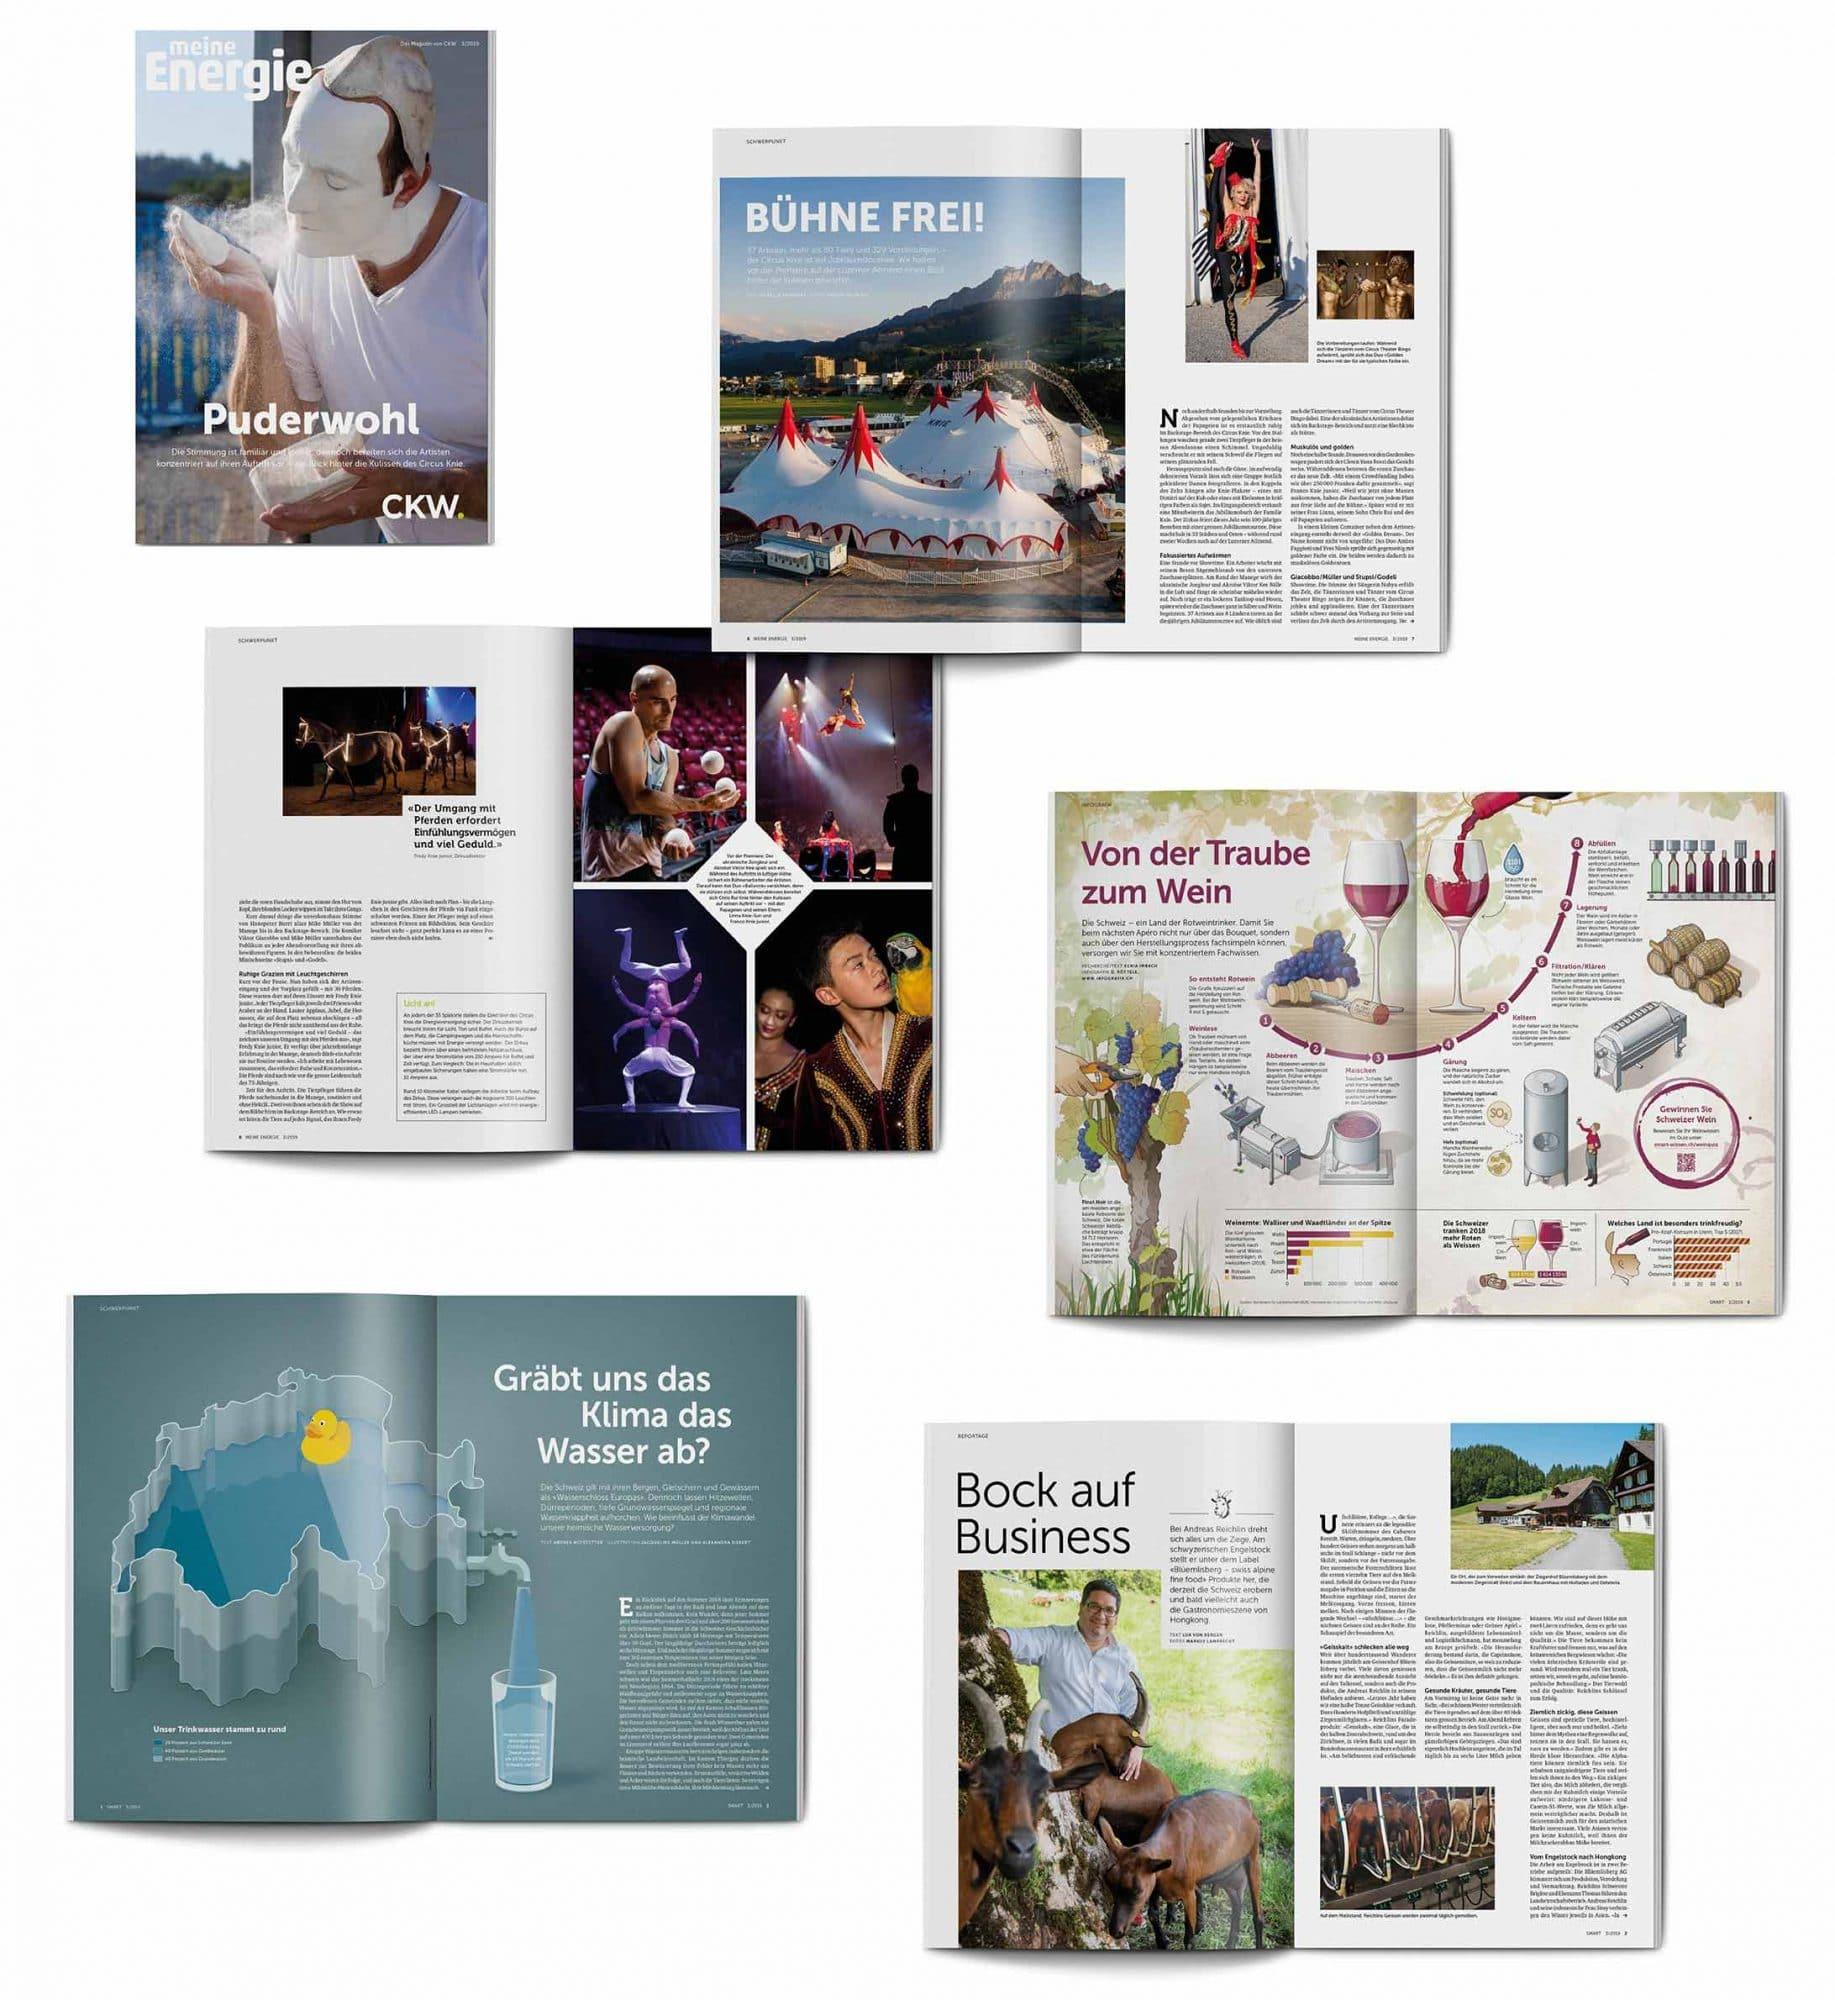 Beispielsseiten des Magazins smart